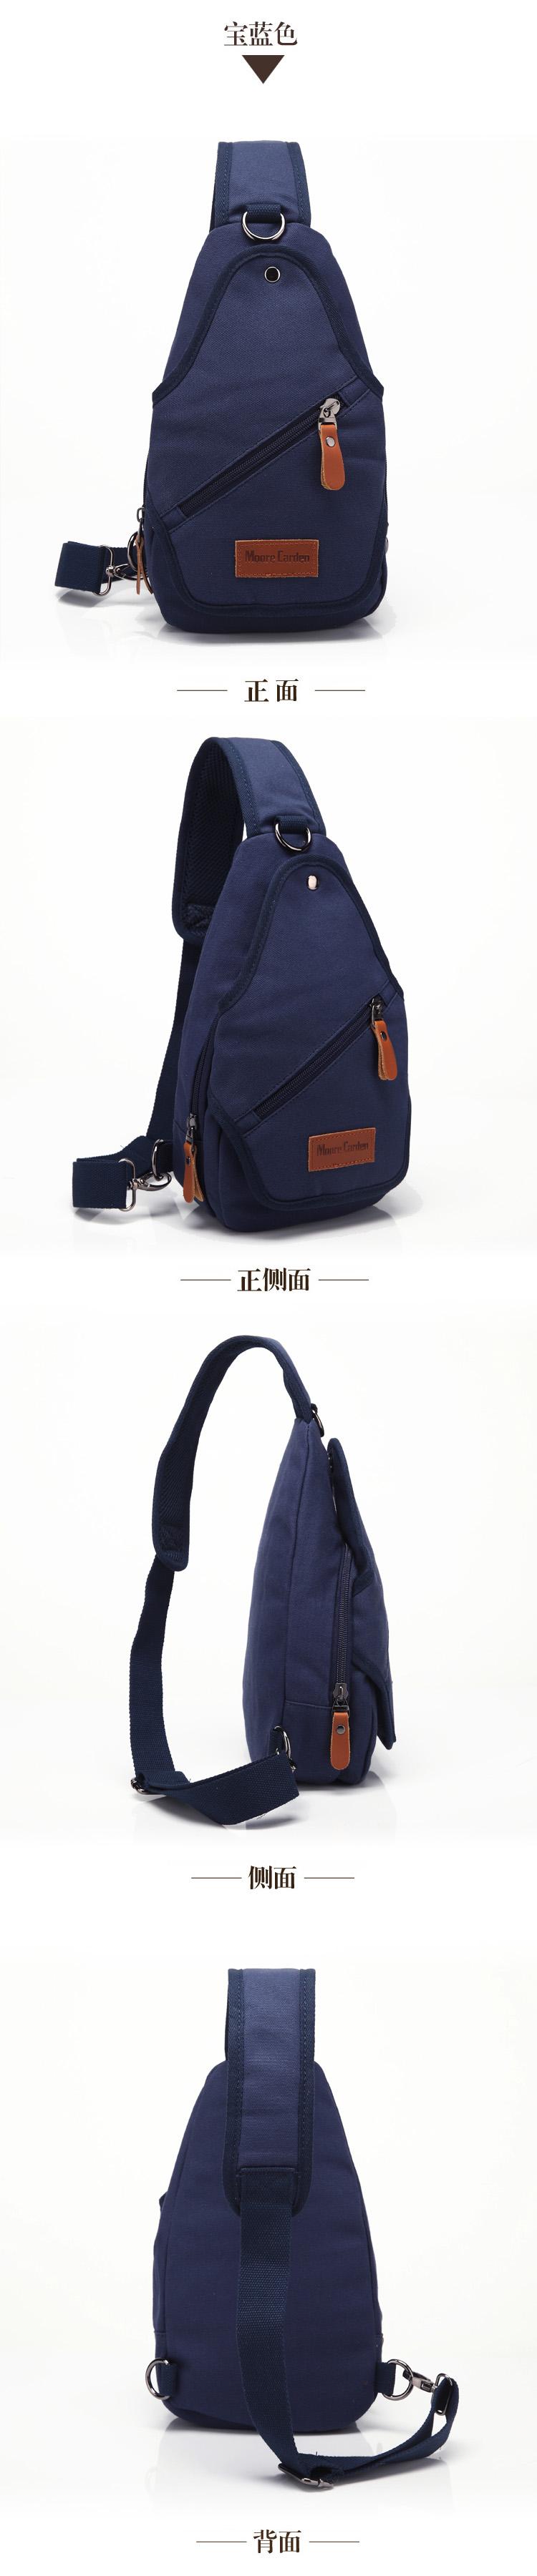 กระเป๋าแฟชั่น กระเป๋าคาดอก พร้อมส่ง สีน้ำเงิน เก็บของได้เยอะ ใส่ไอแพดมินิได้ มีช่องเก็บของเยอะ